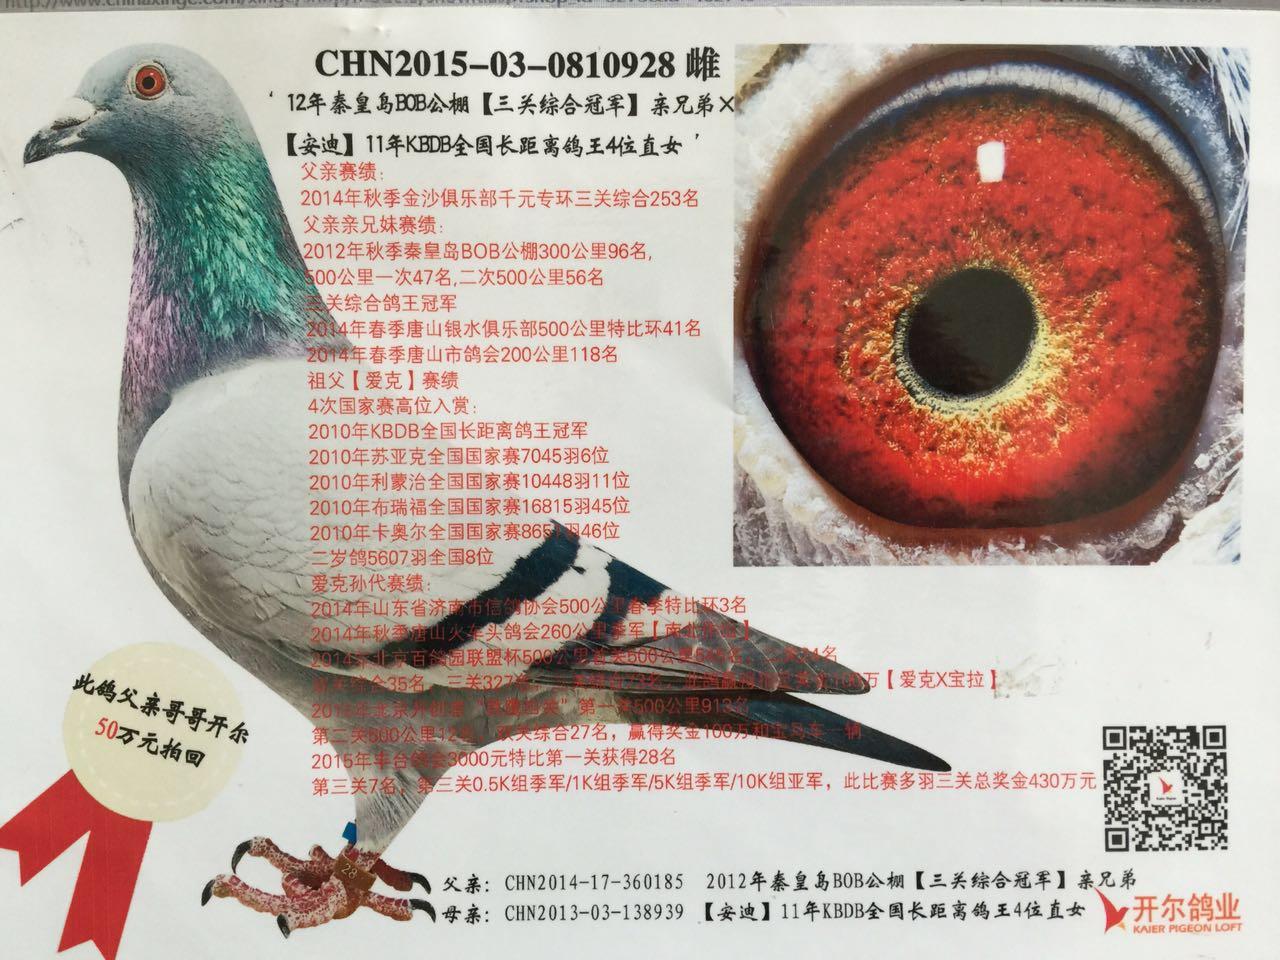 冻品鸽鸽子教学图示鸟蚊子1280_960火锅店鸟类招动物图片